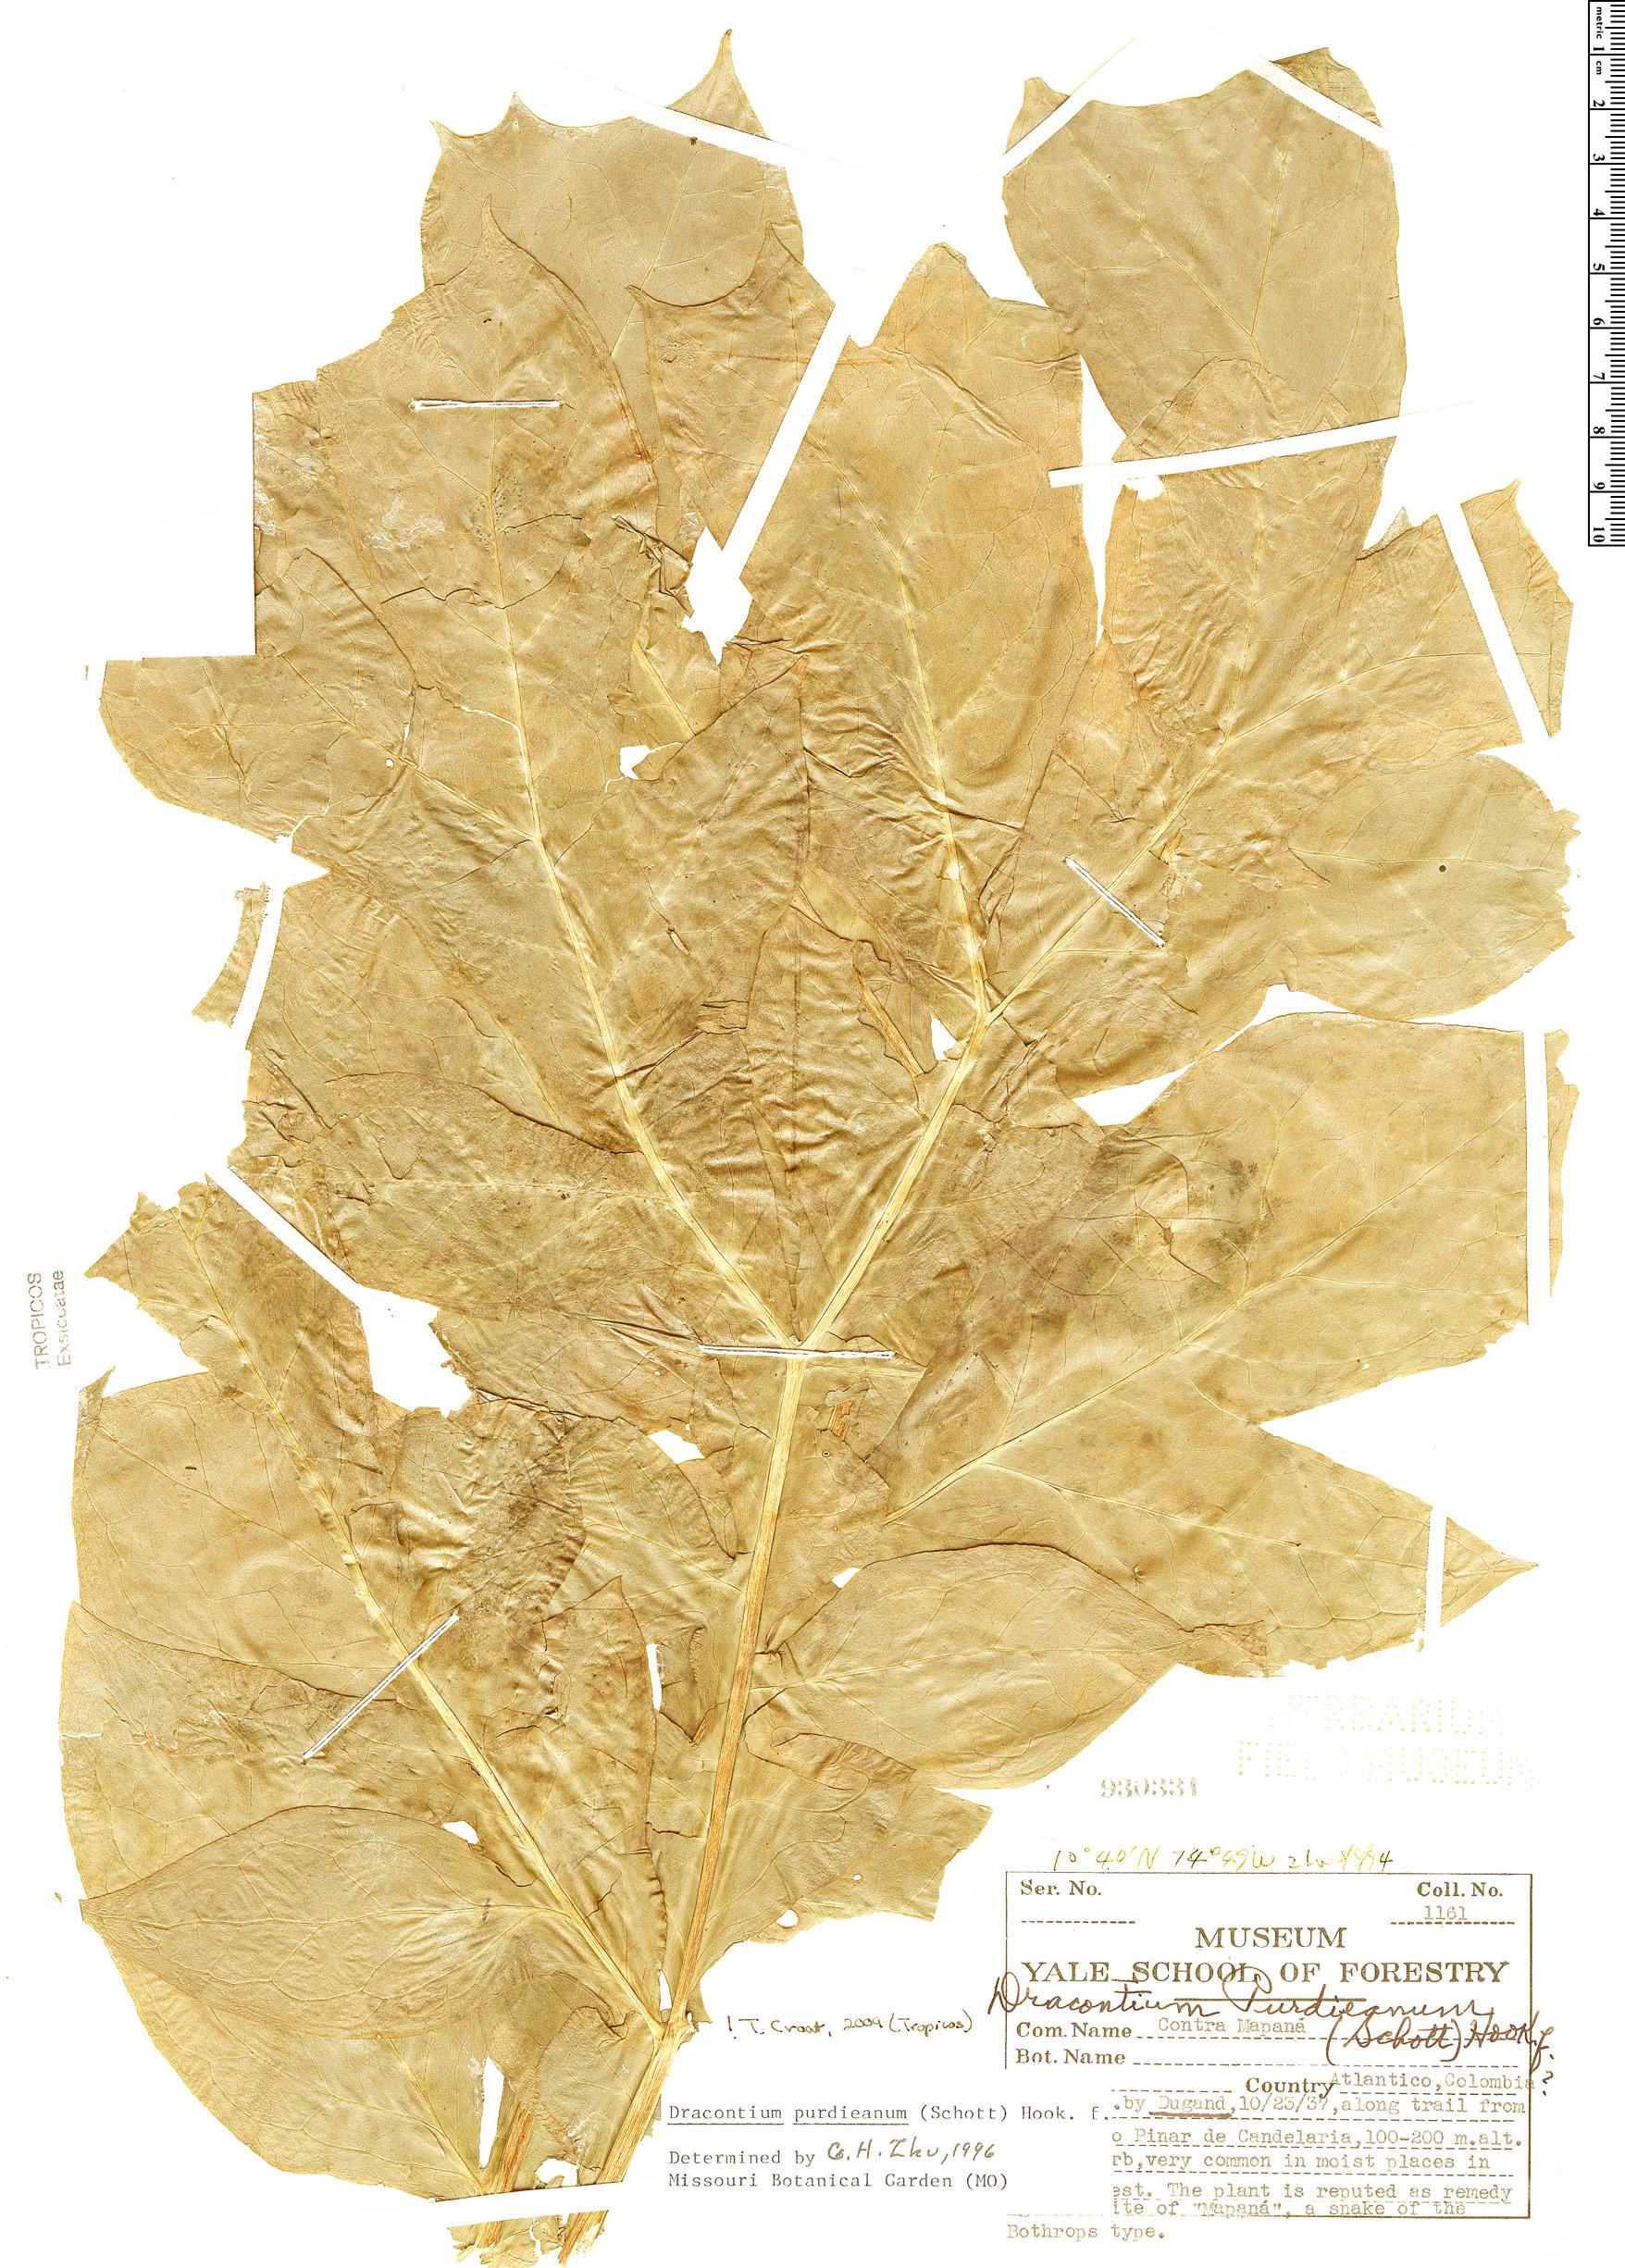 Specimen: Dracontium purdieanum